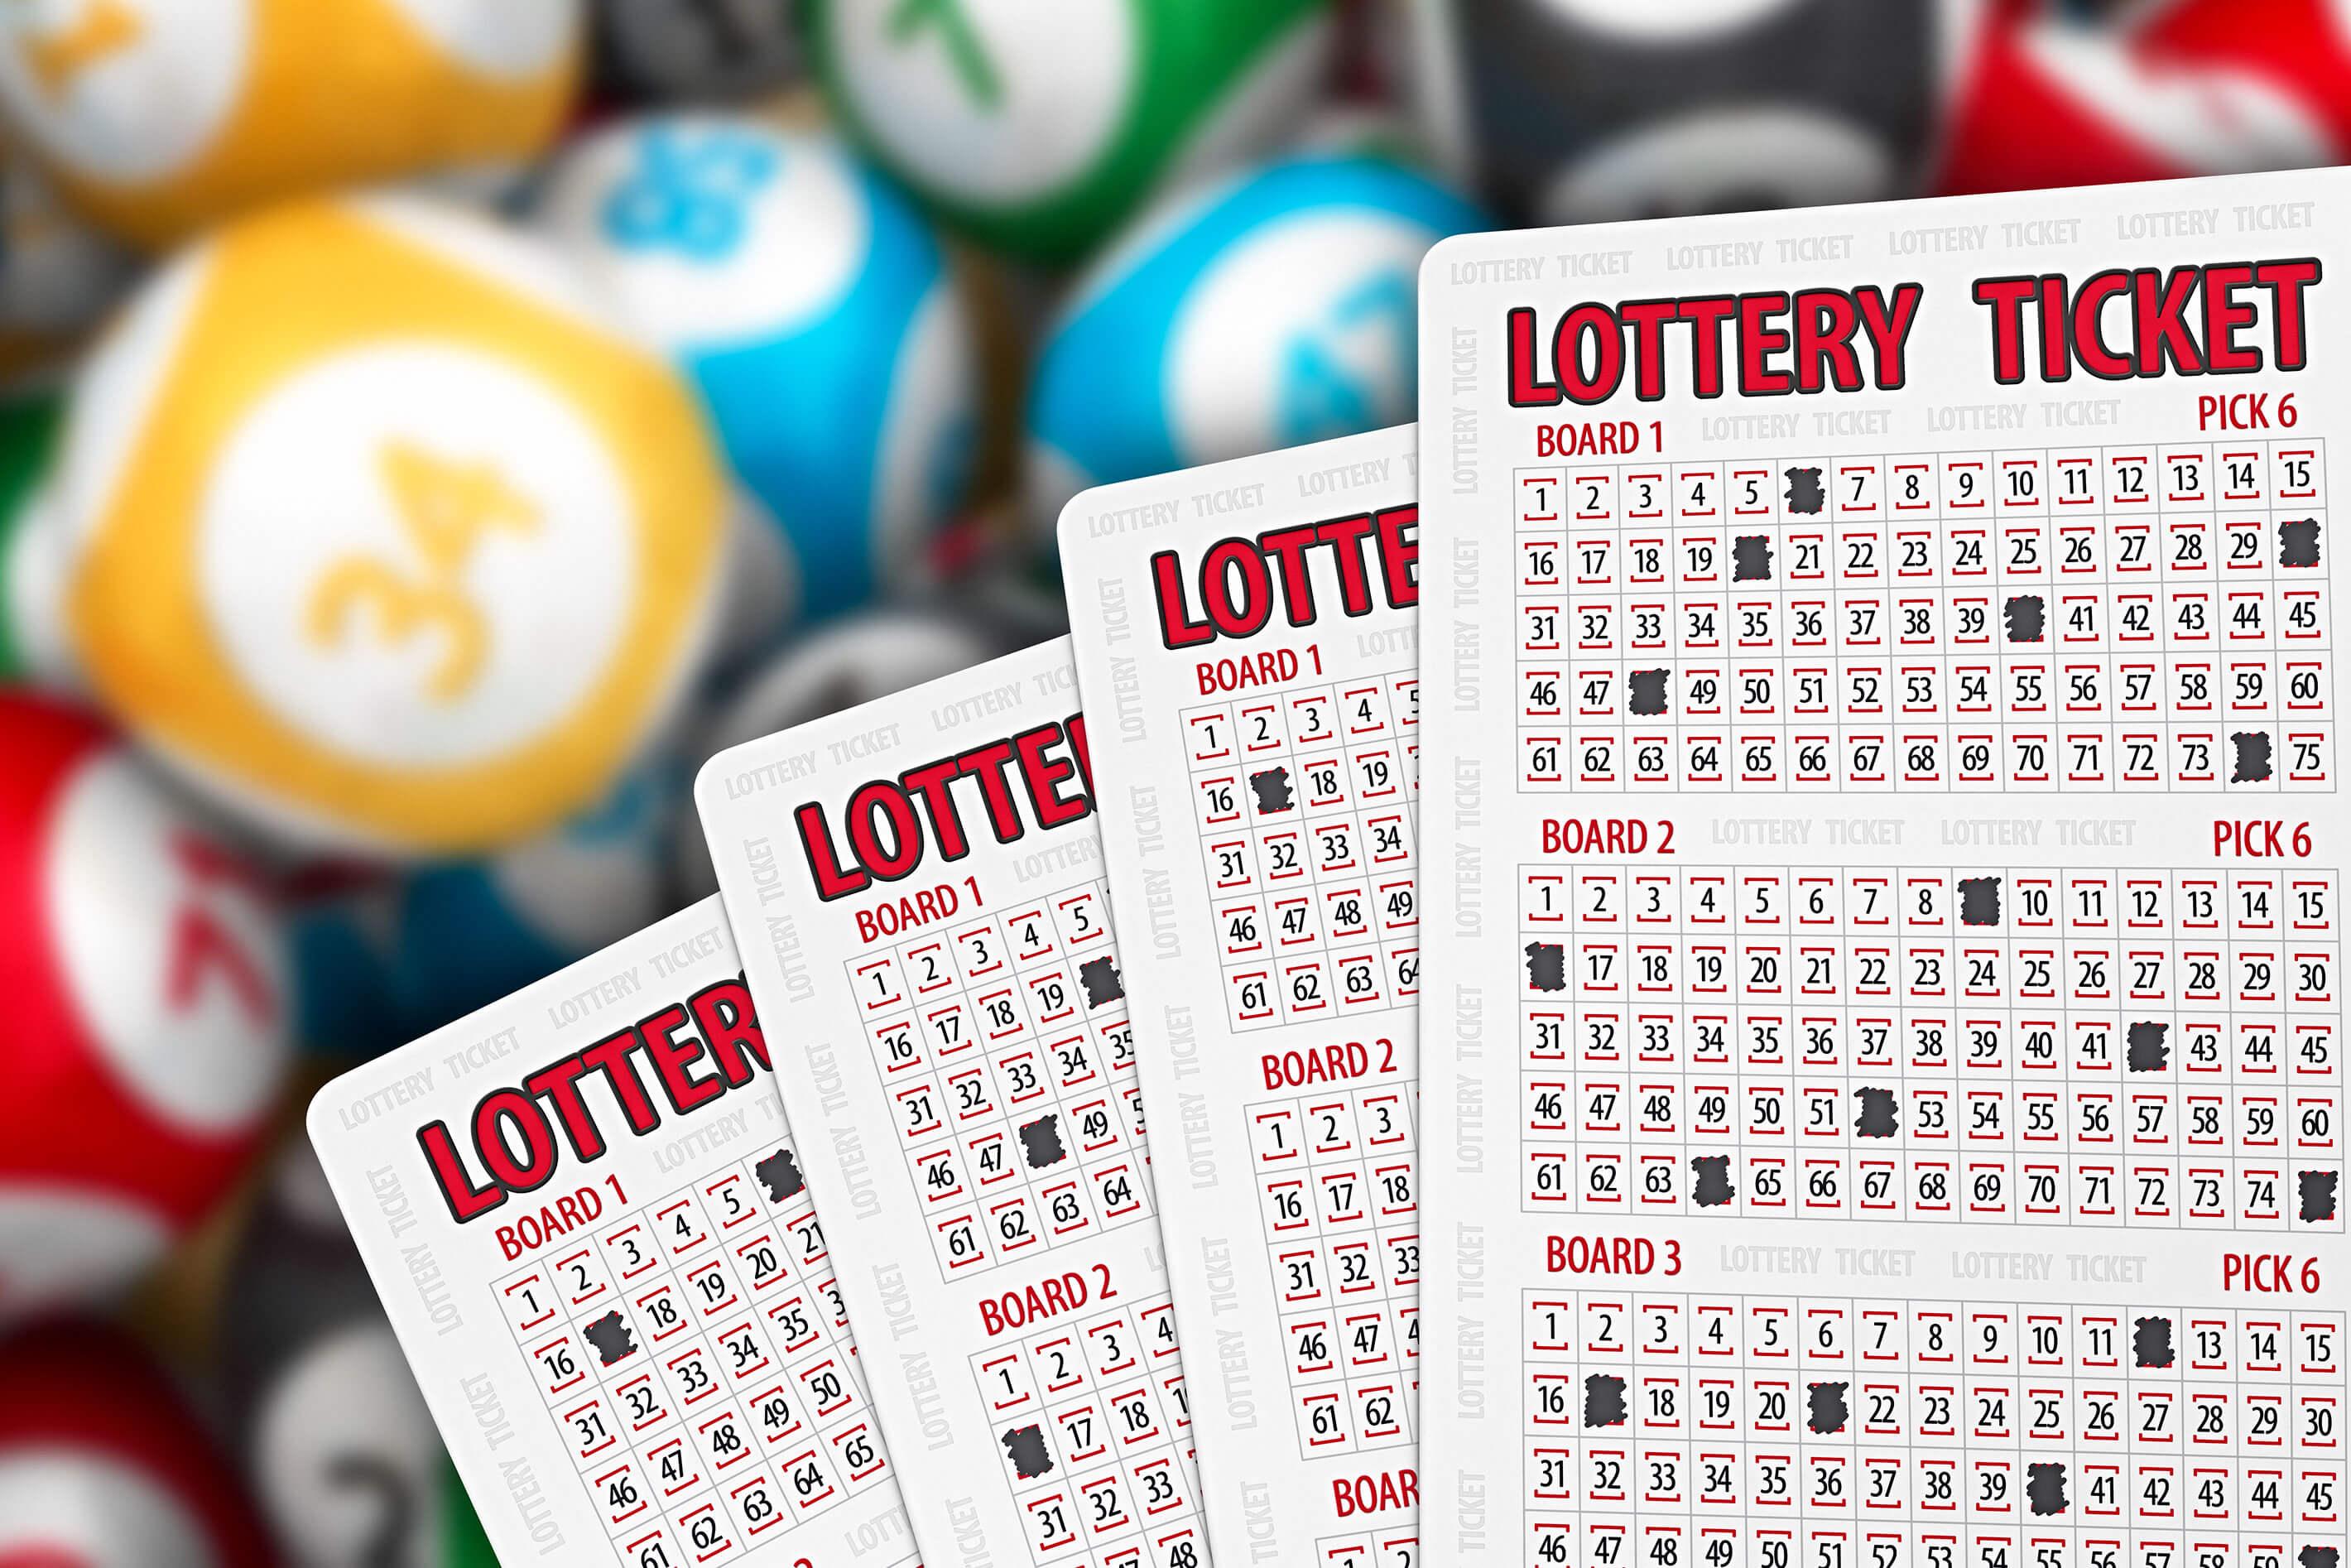 О компании | туристическая фирма лоттери